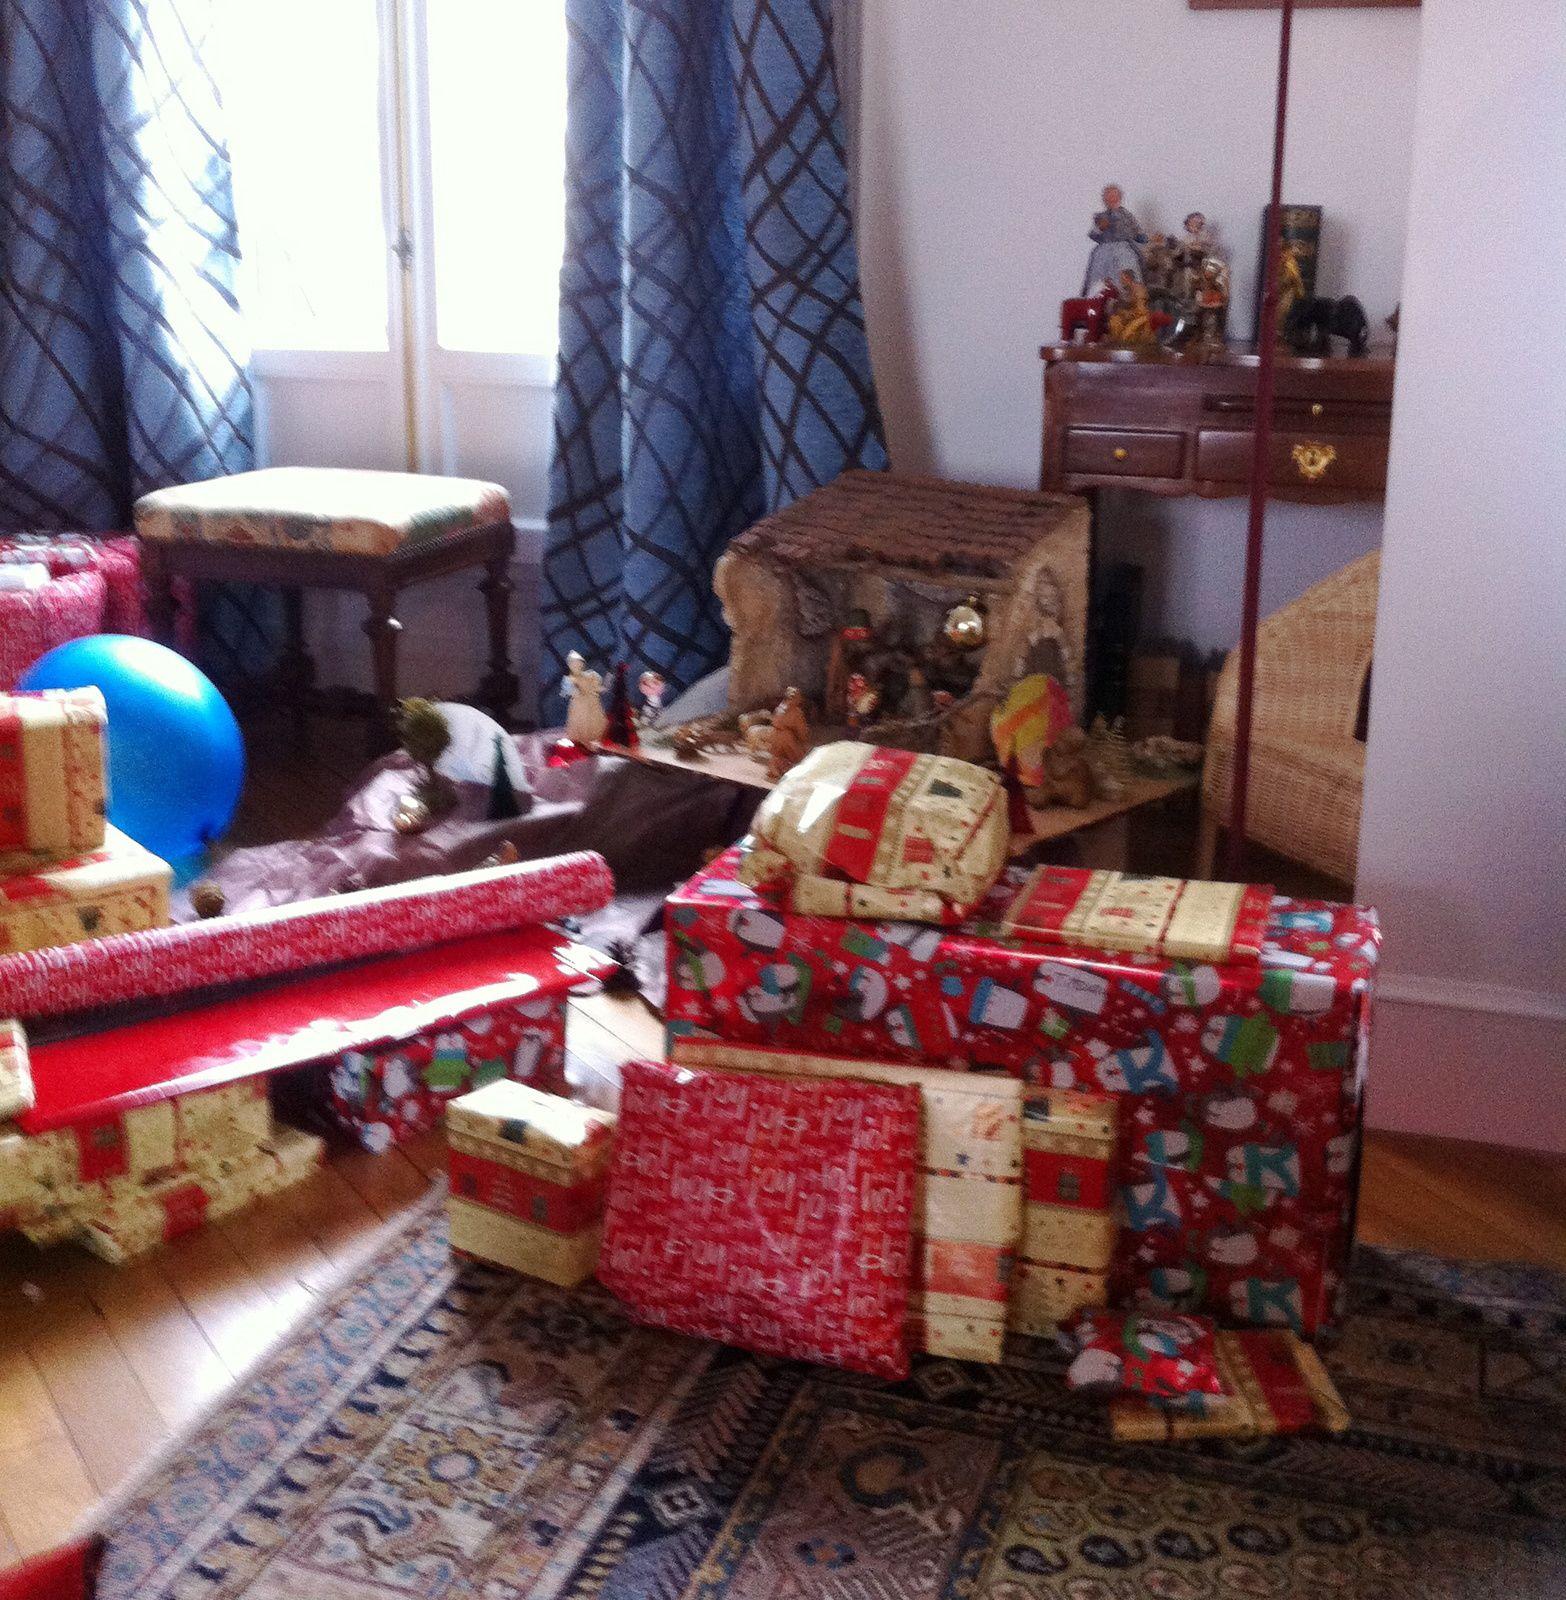 La petite maison dans la banlieue - Faire pipi au lit adulte signification ...